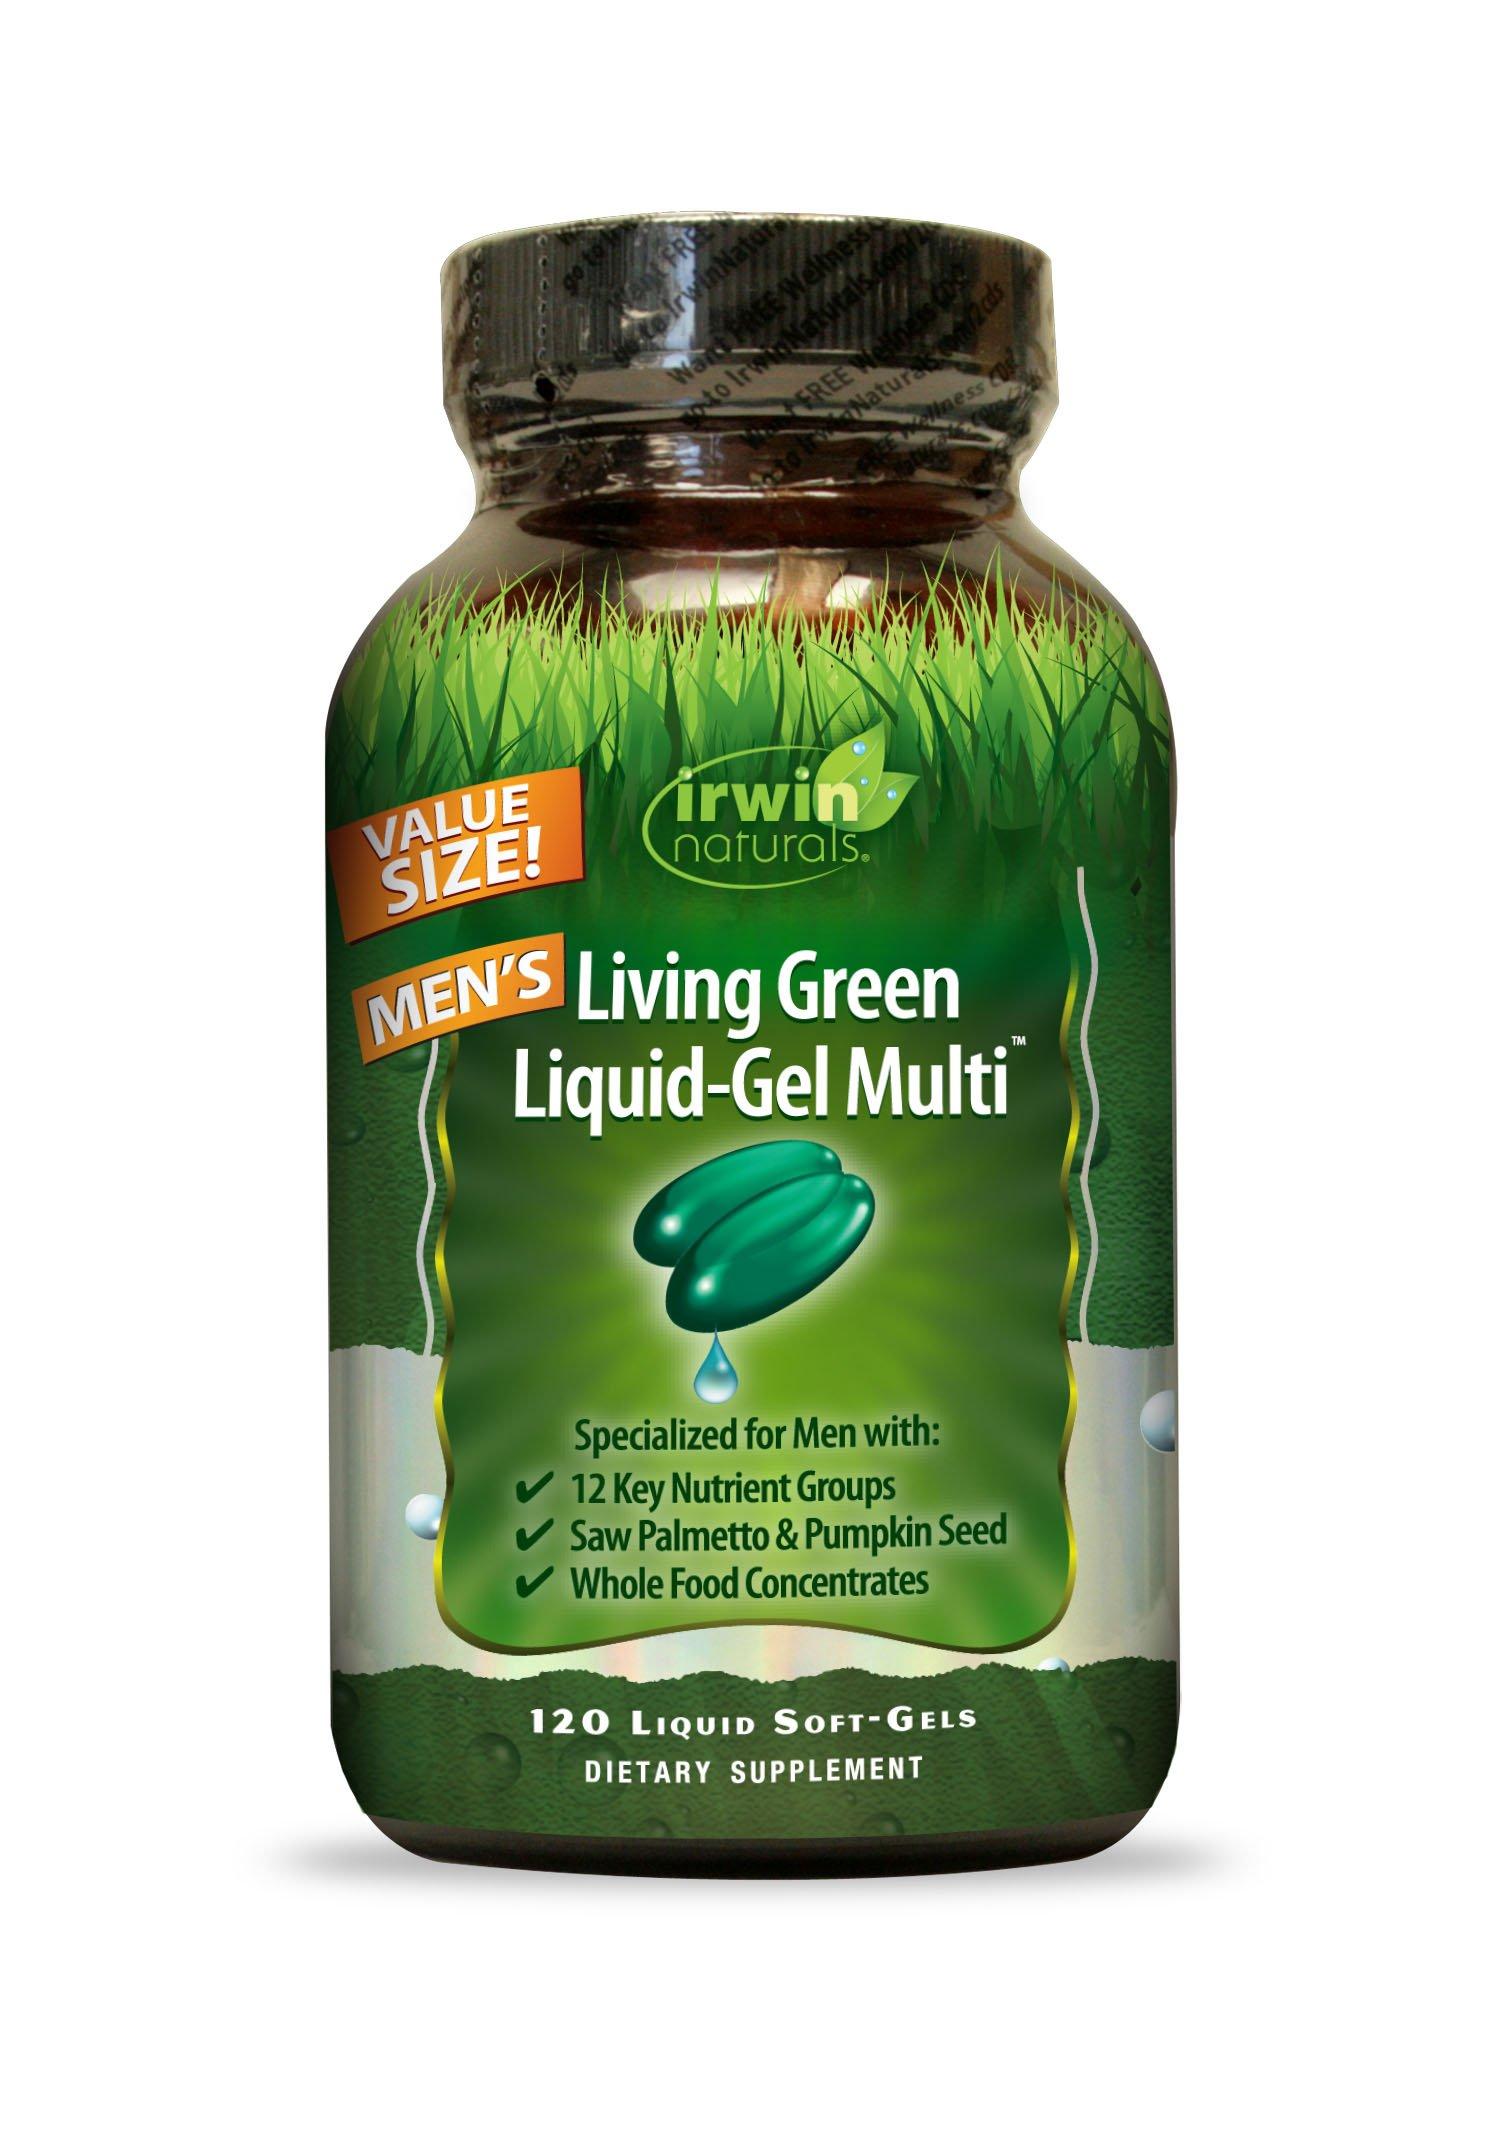 Irwin Naturals Living Green Multi Liquid-Gel for Men, 120 Count